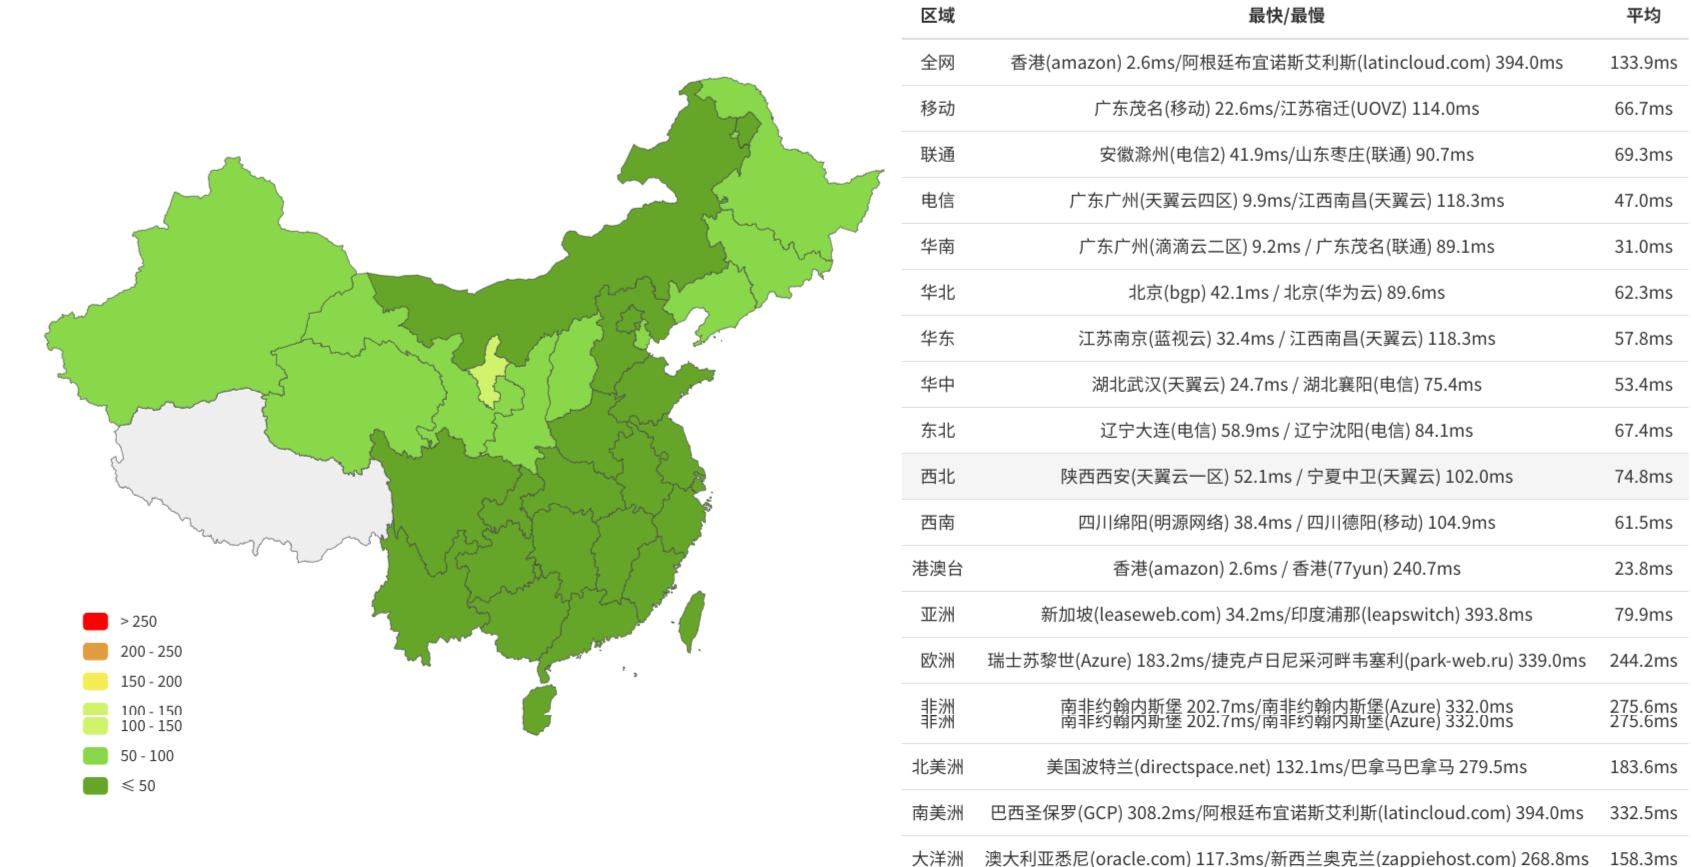 野草云 - 香港三网直连 - KVM架构大带宽 - 月付¥58-图2